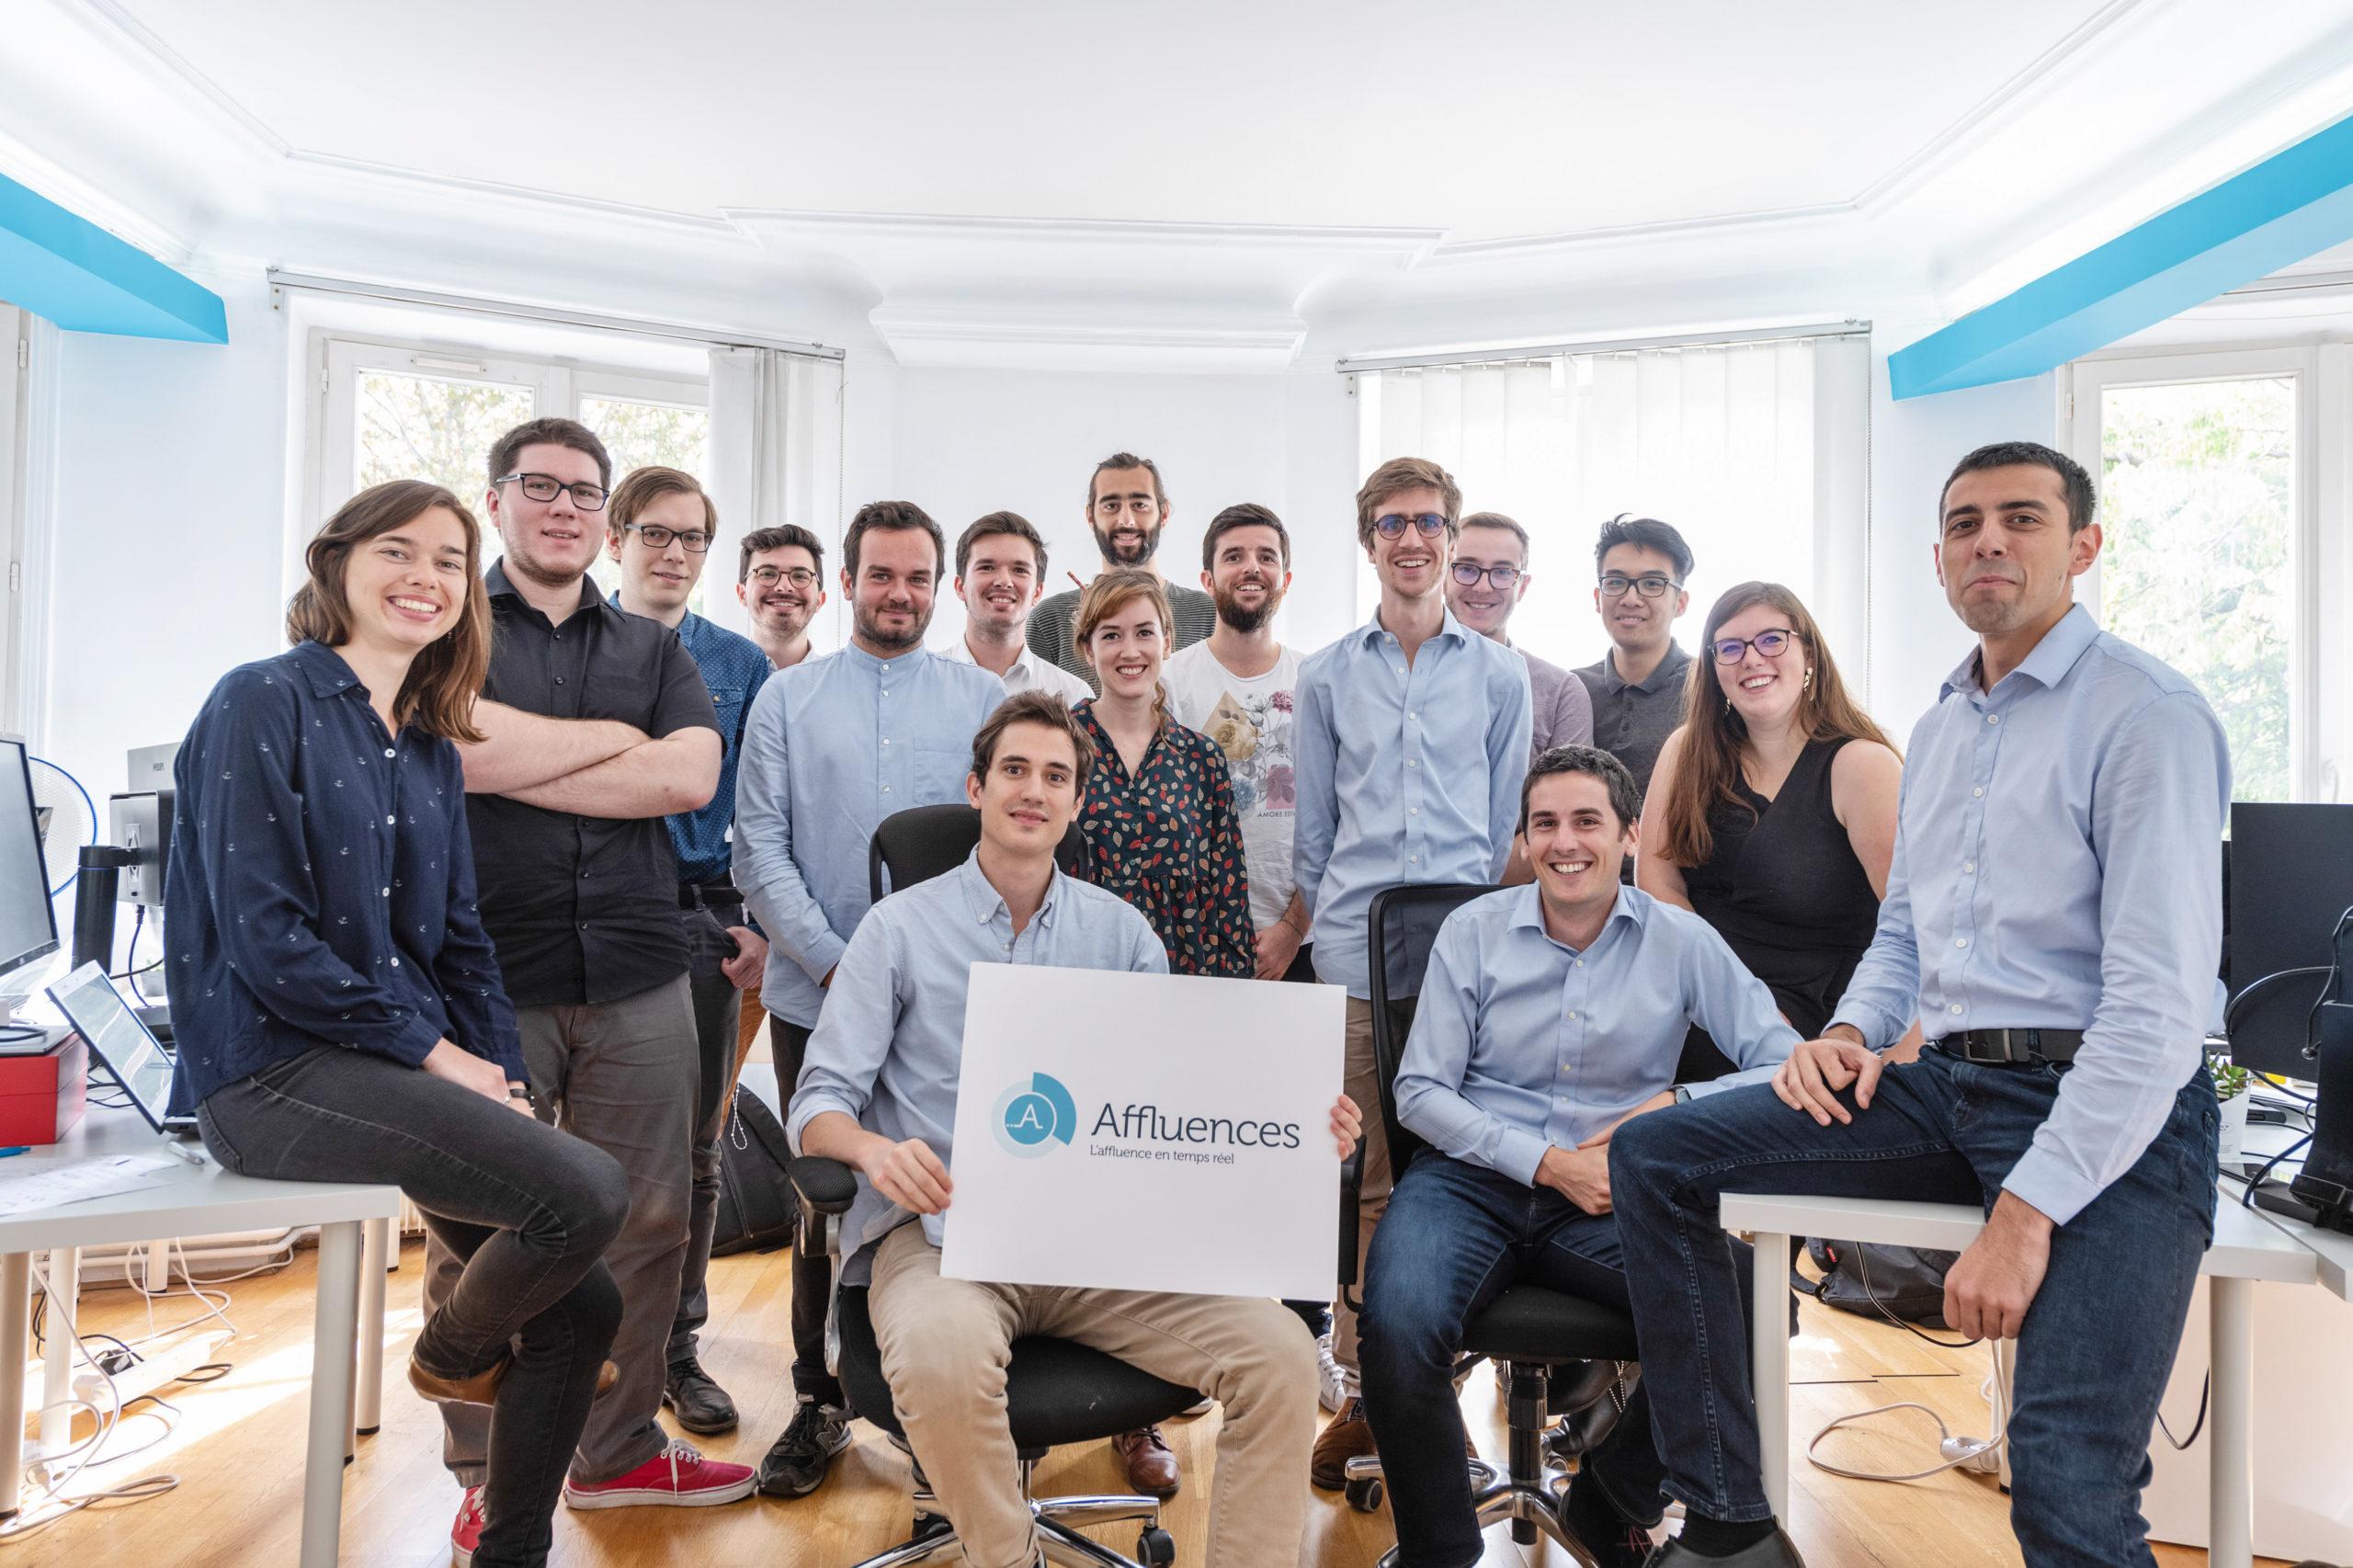 La startup Affluences lève 4 millions d'euros